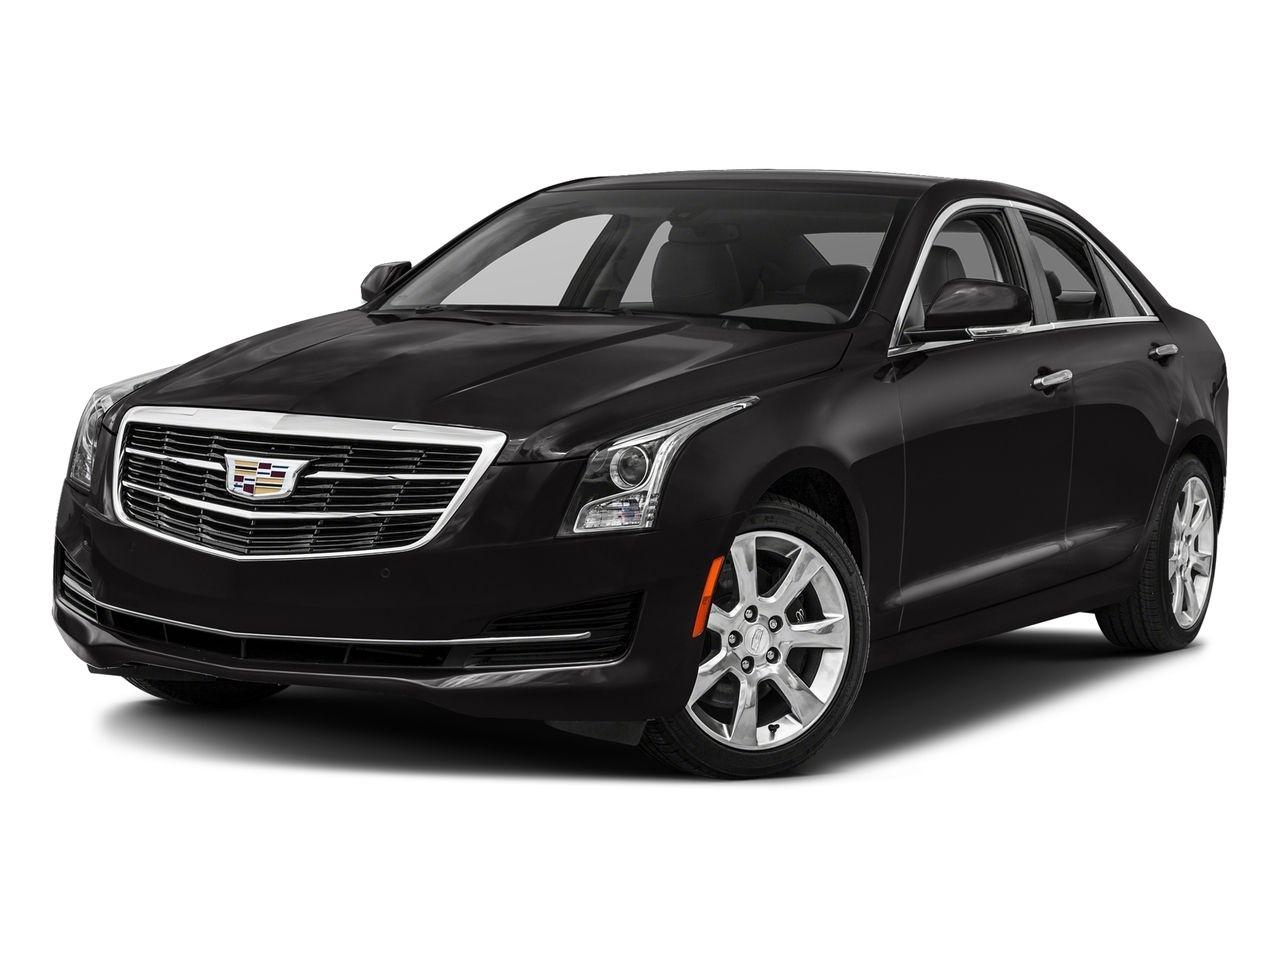 2017 Cadillac ATS Image